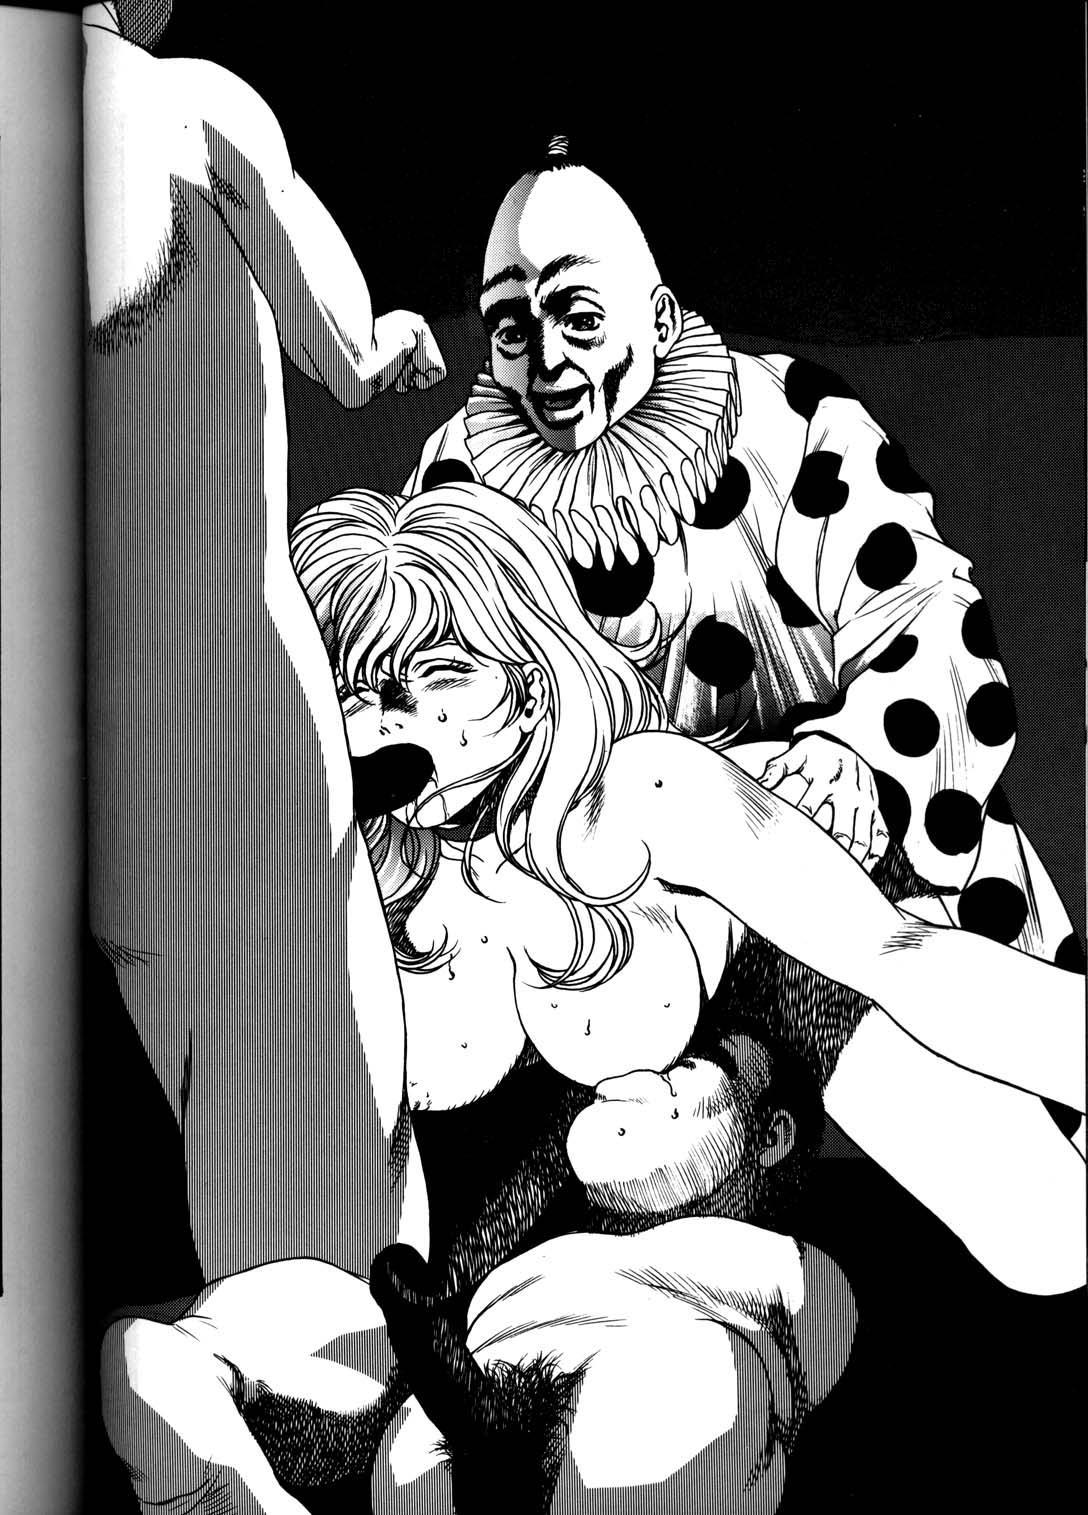 (C56) [ALPS (Ankokudou Shinkaigyo)] Ankoku-dou shinkaigyo e hua xuan-Shuu (Various) 43